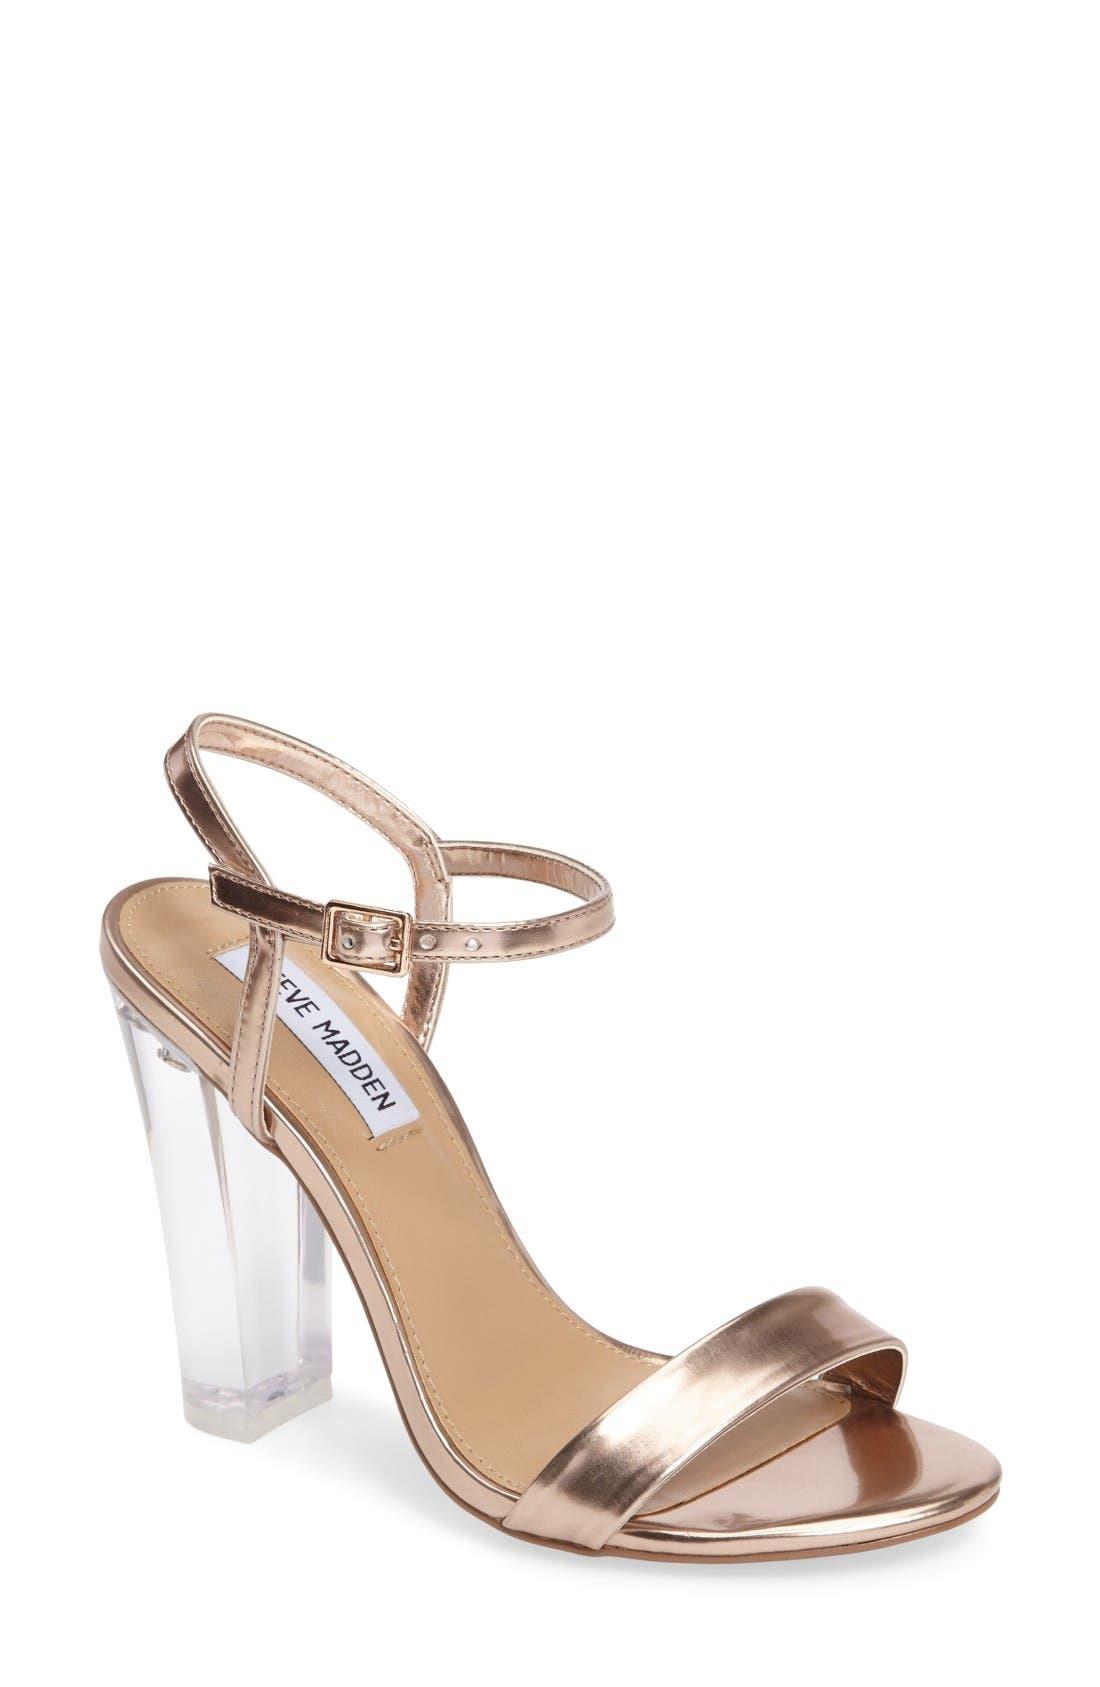 Alternate Image 1 Selected - Steve Madden Vallery Clear Heeled Sandal (Women)